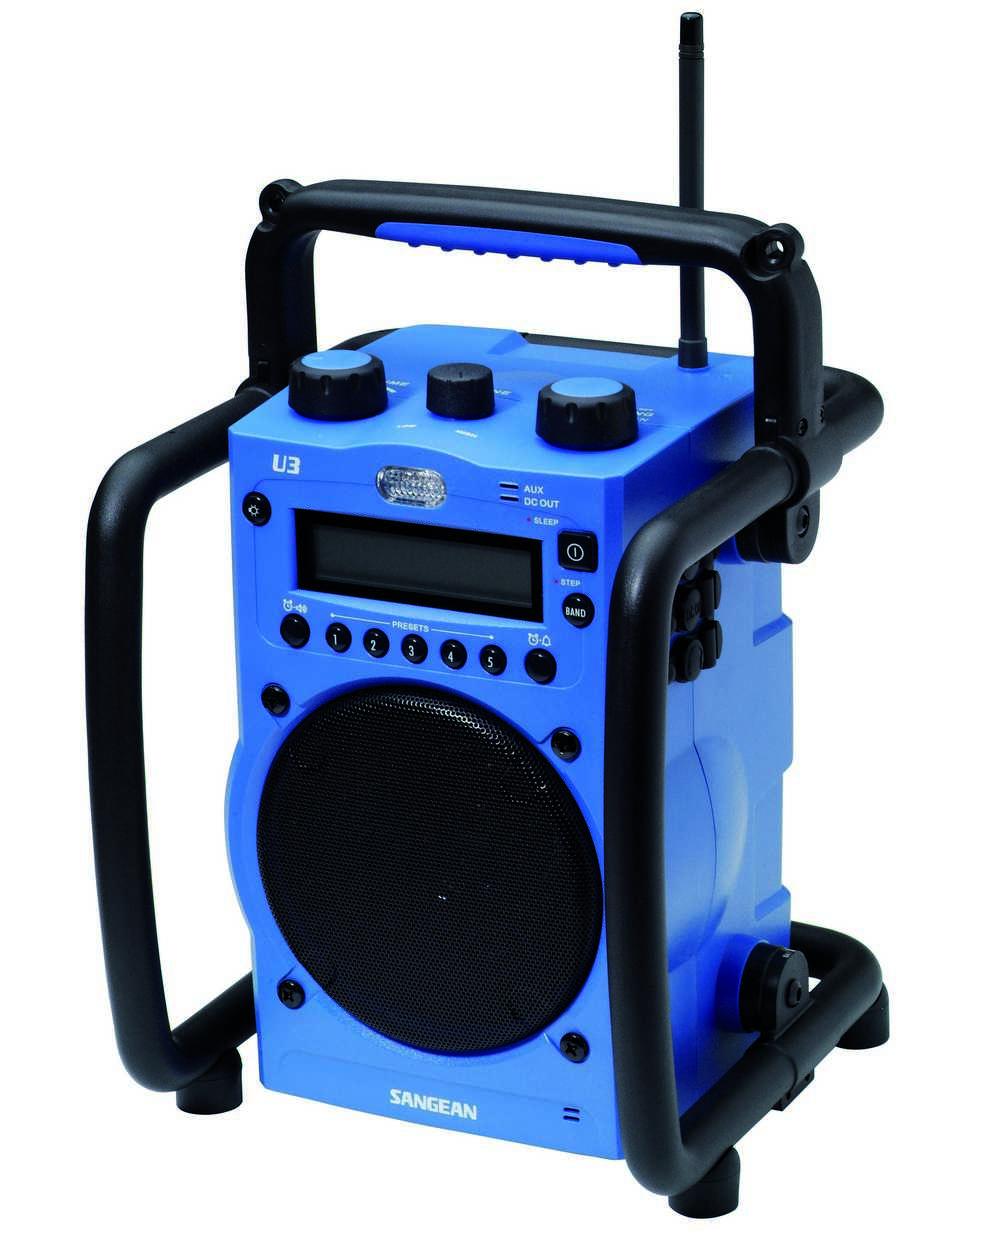 Utility Radio Digitaal U3